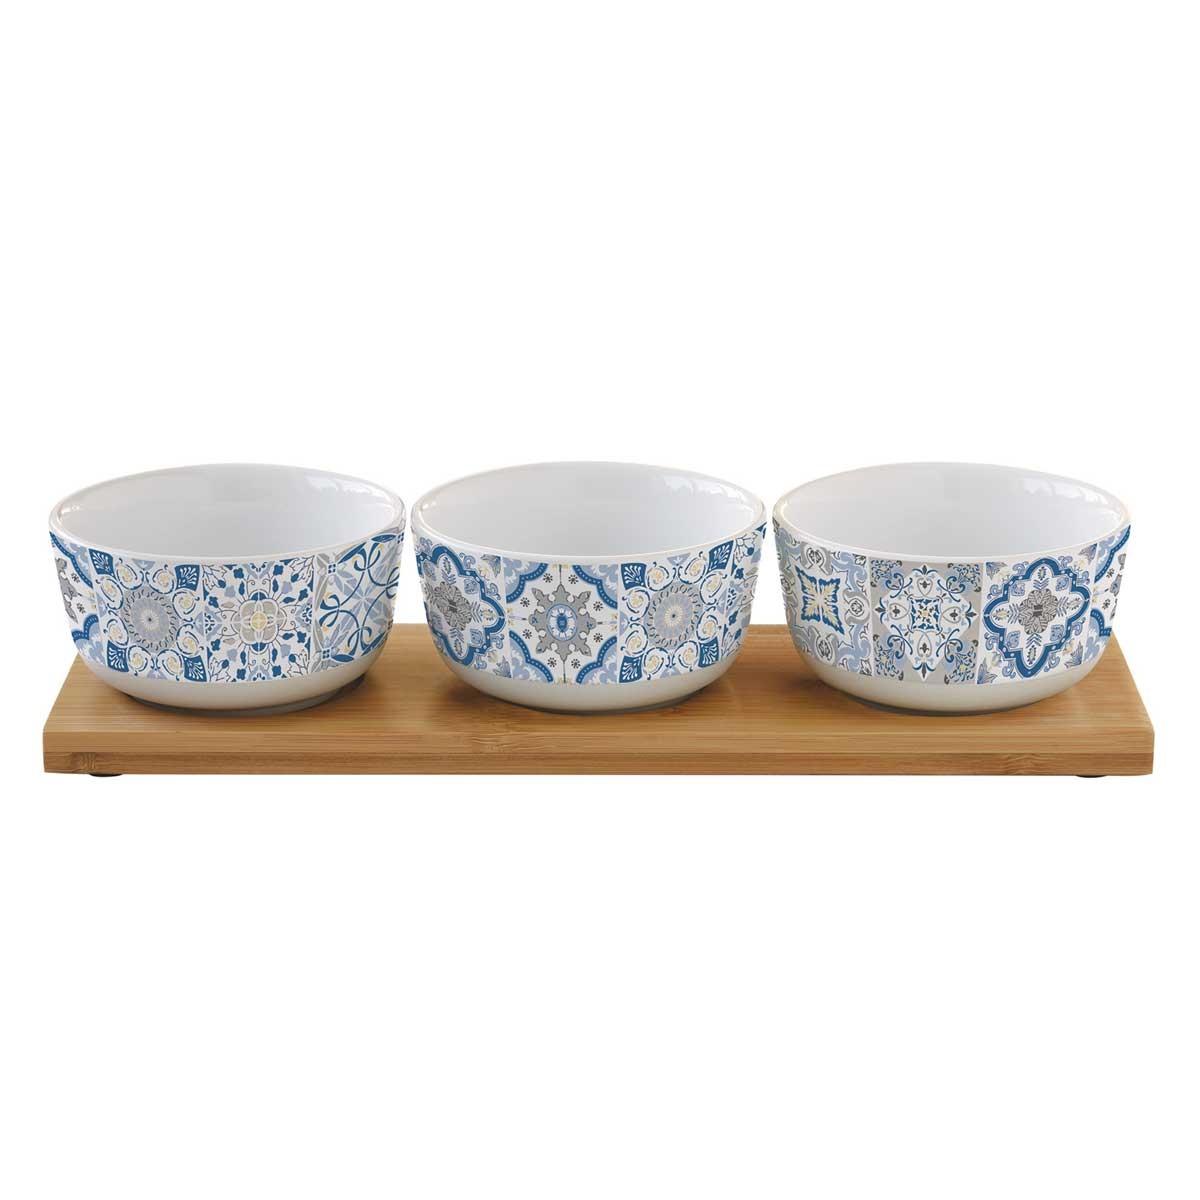 Ορντεβιέρα Σερβιρίσματος 3 Θέσεων Marva Casadecor Blue 1662CΑDΒ home   κουζίνα   τραπεζαρία   είδη σερβιρίσματος